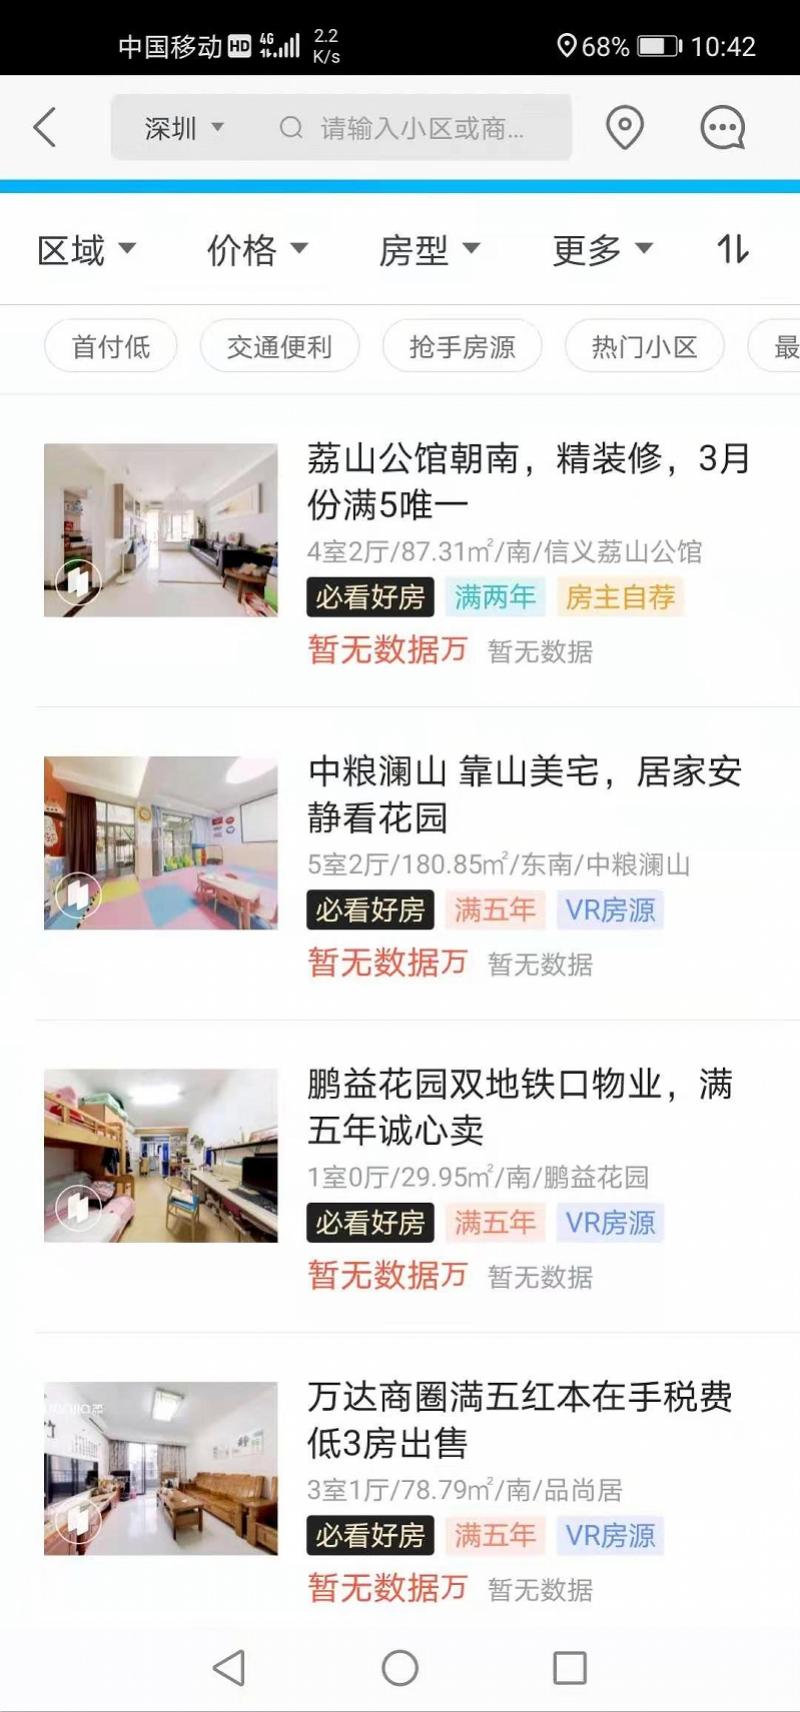 春節后深圳二手房貸款根據指導價批額度?銀行:暫未收到通知